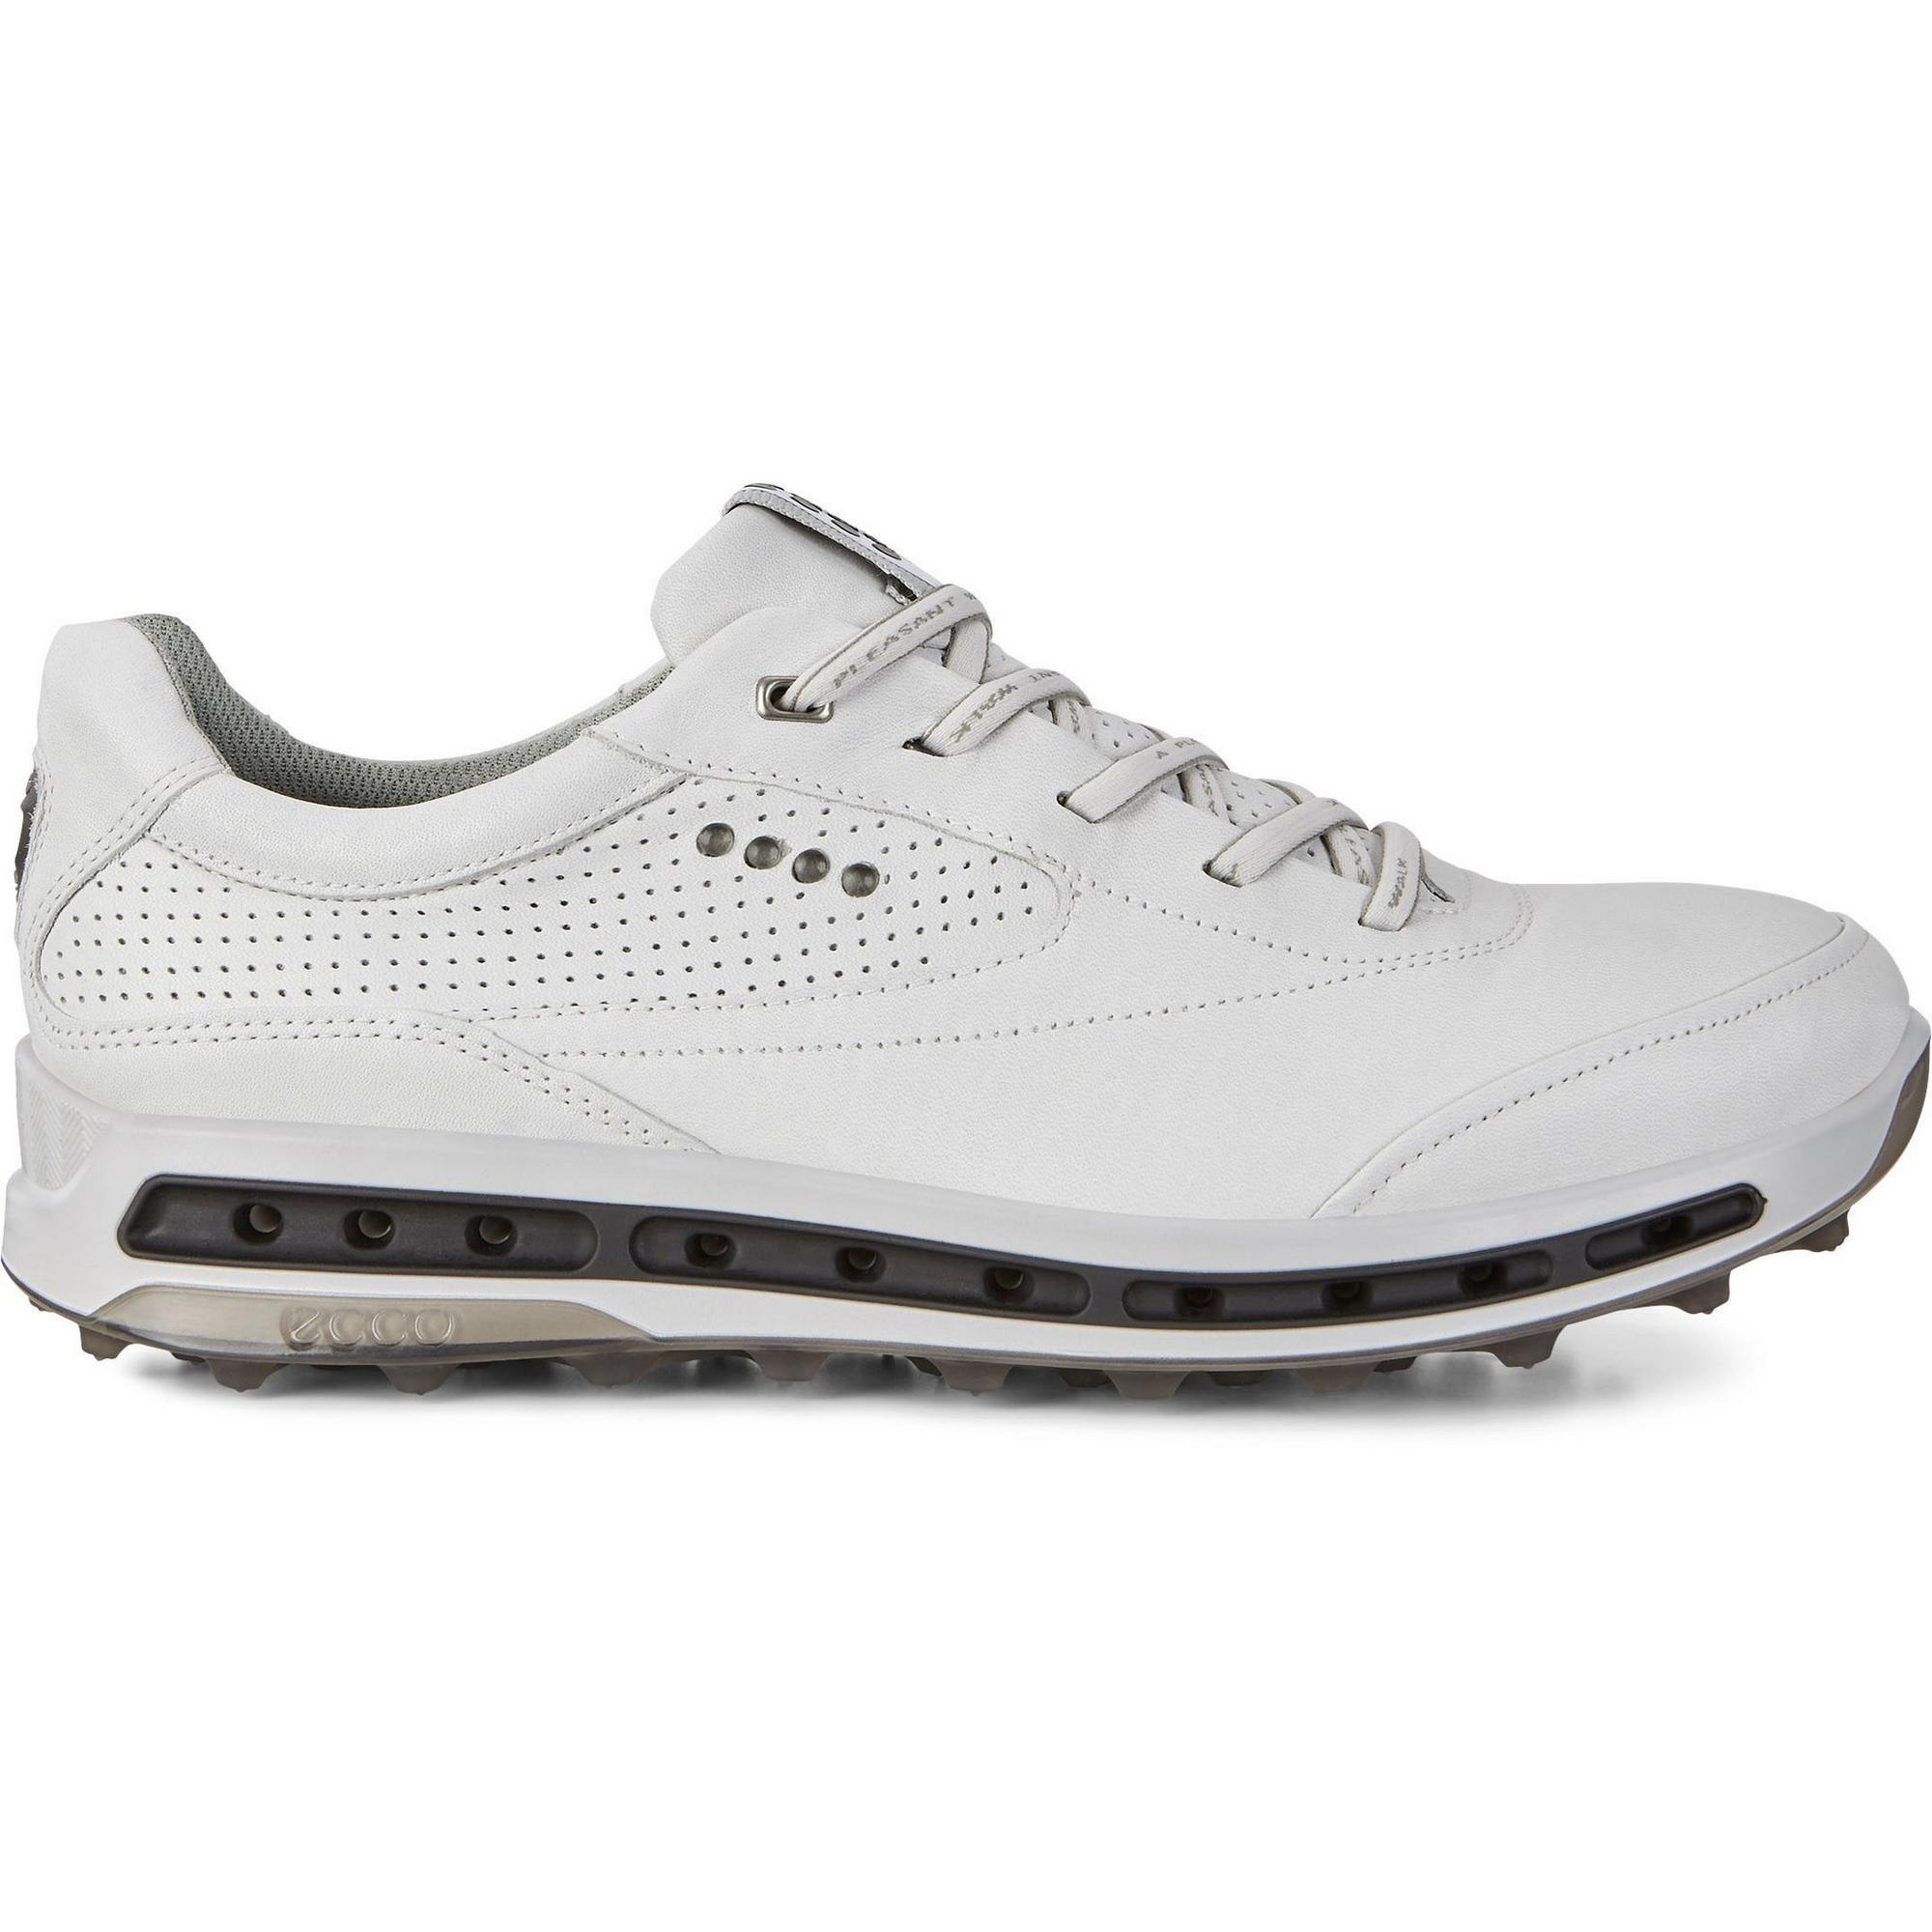 Chaussures Goretex Cool Pro sans crampons pour hommes – Blanc/Noir